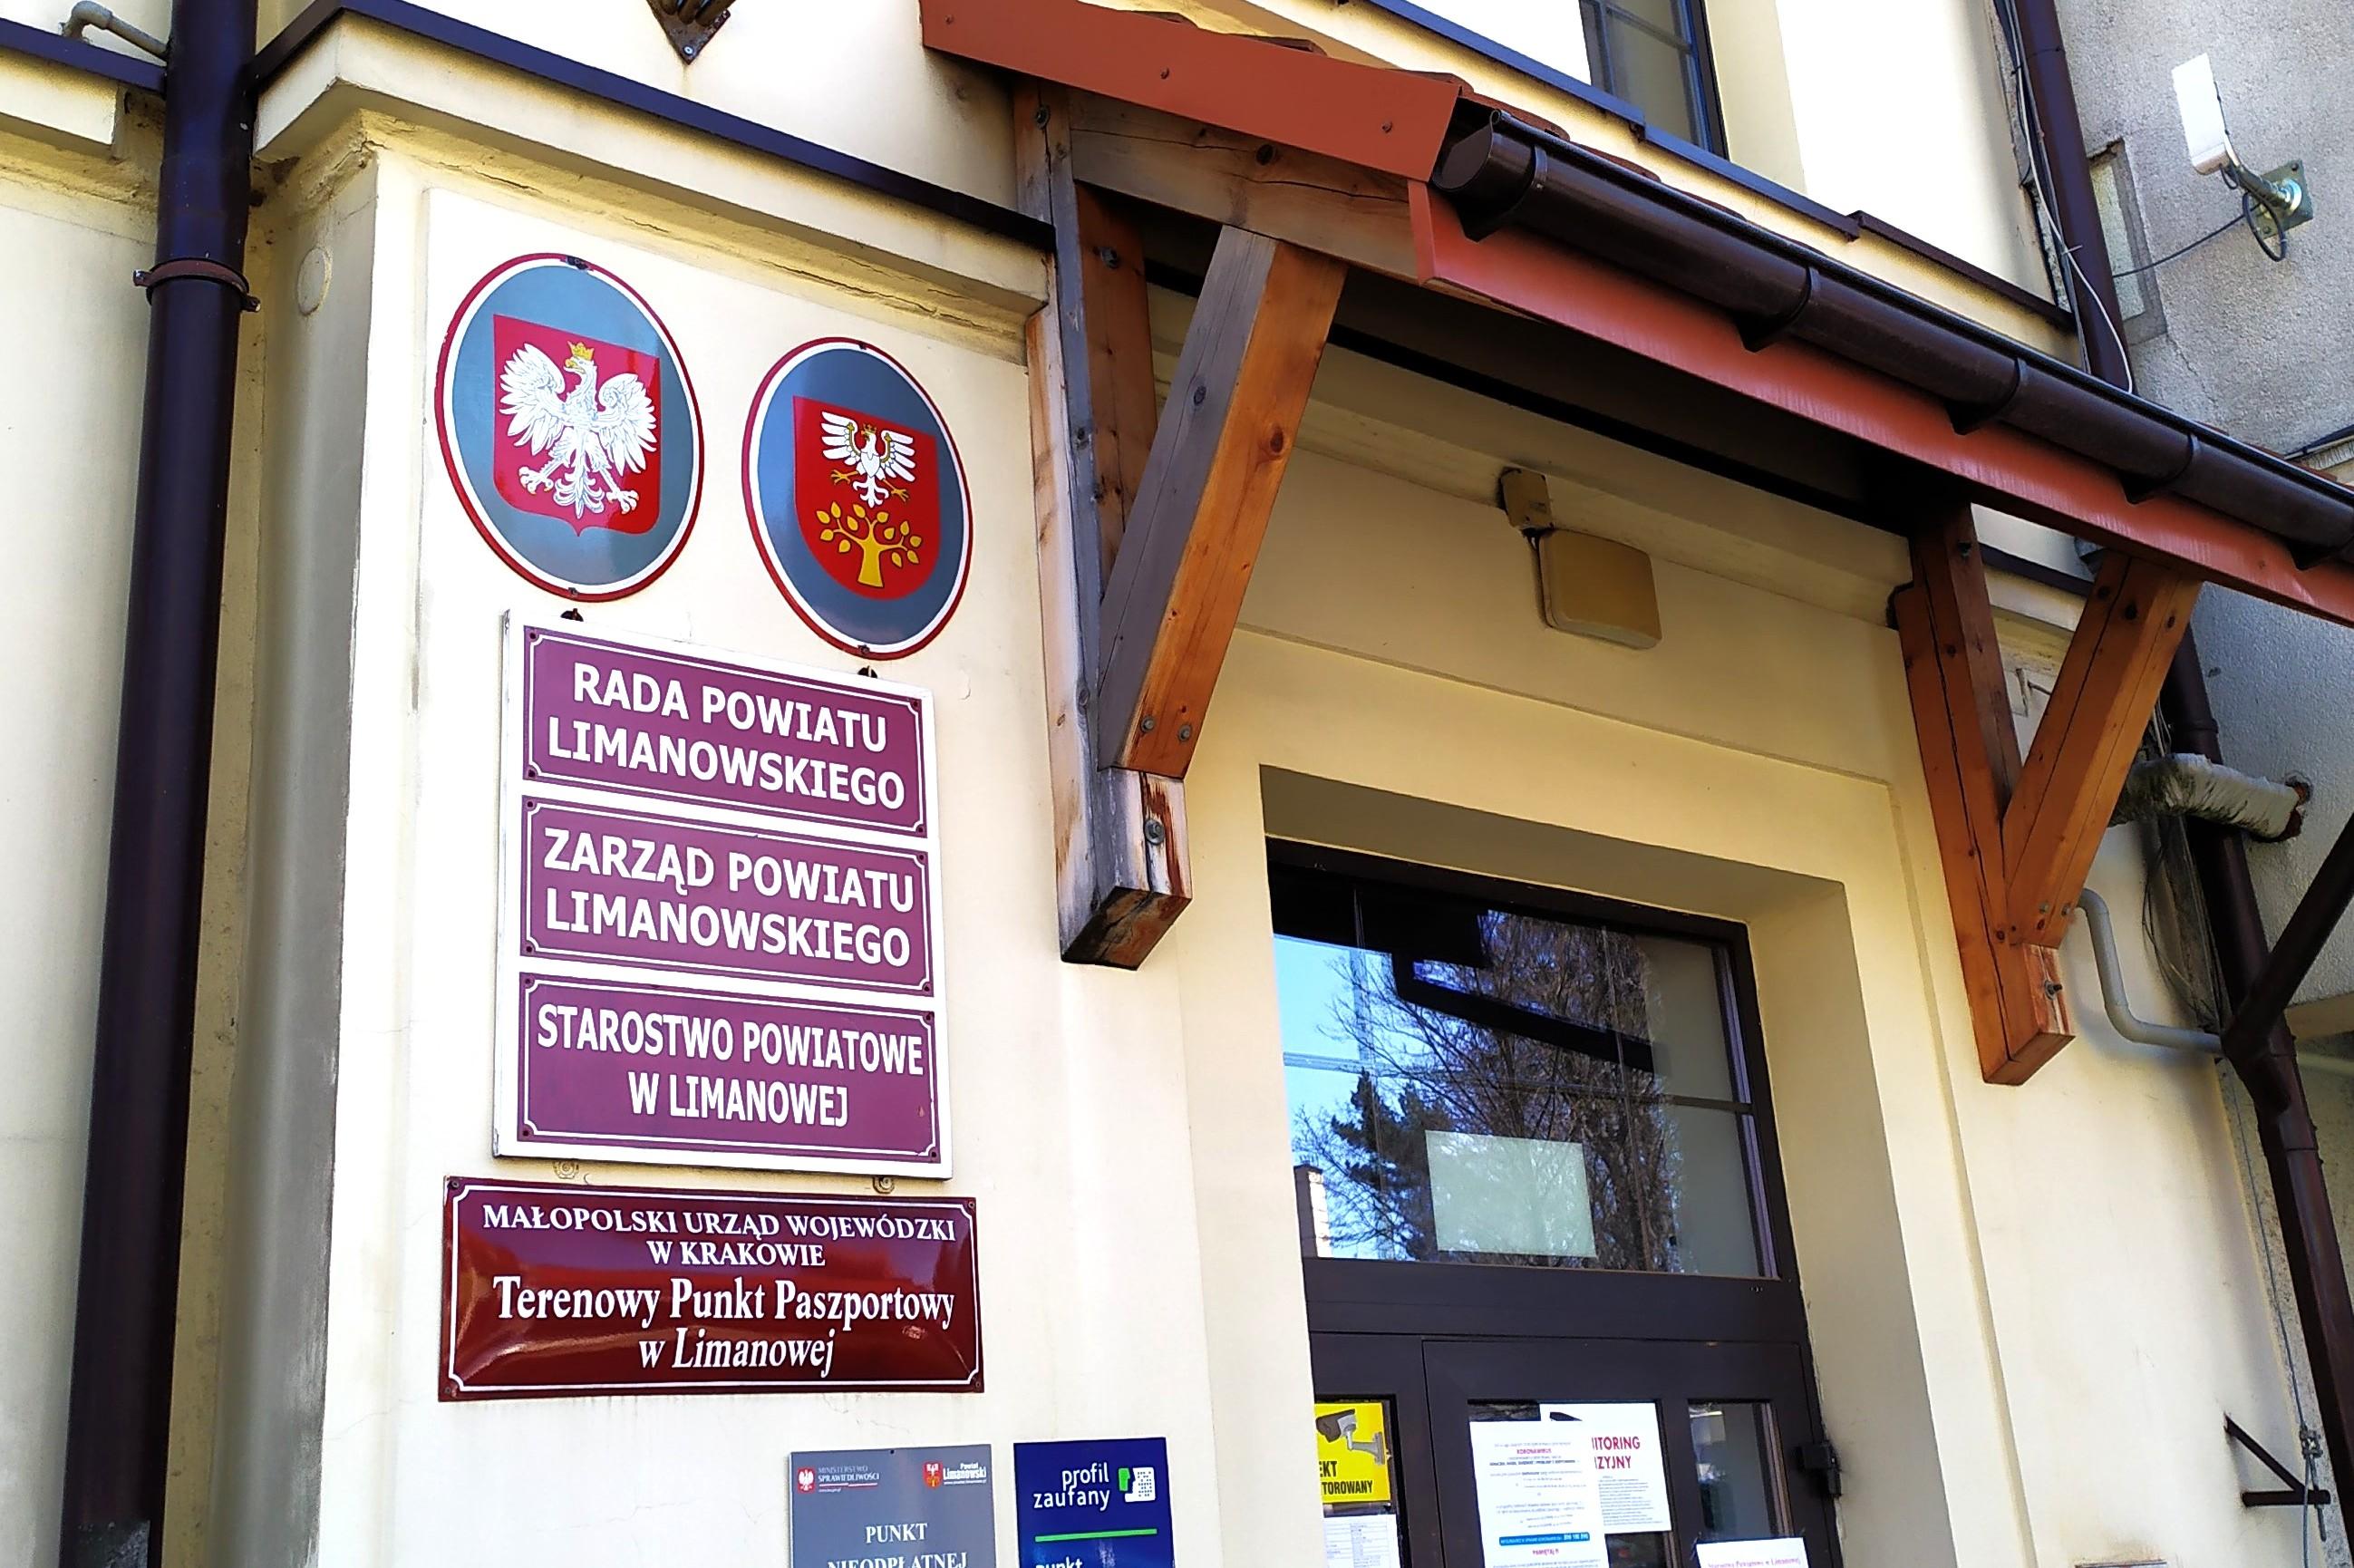 Zdjęcie wejścia do budynku Starostwa Powiatowego w Limanowej